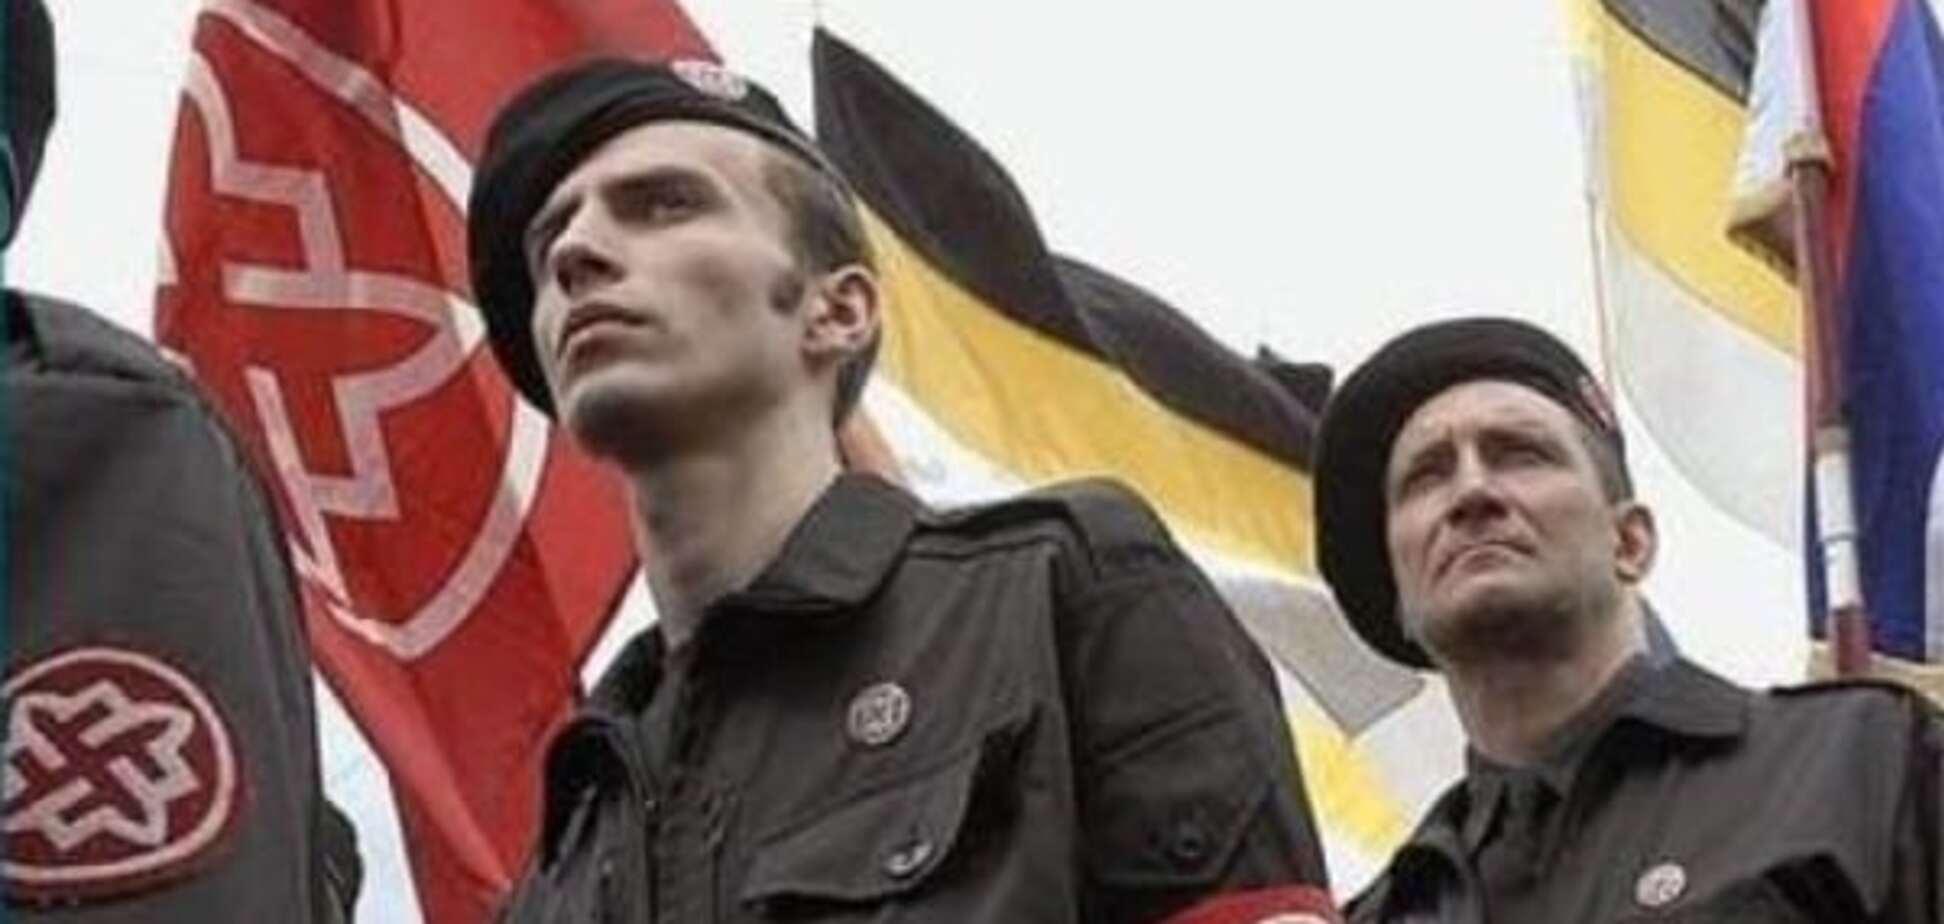 Разведка: Россия завозит на Донбасс неонацистскую атрибутику